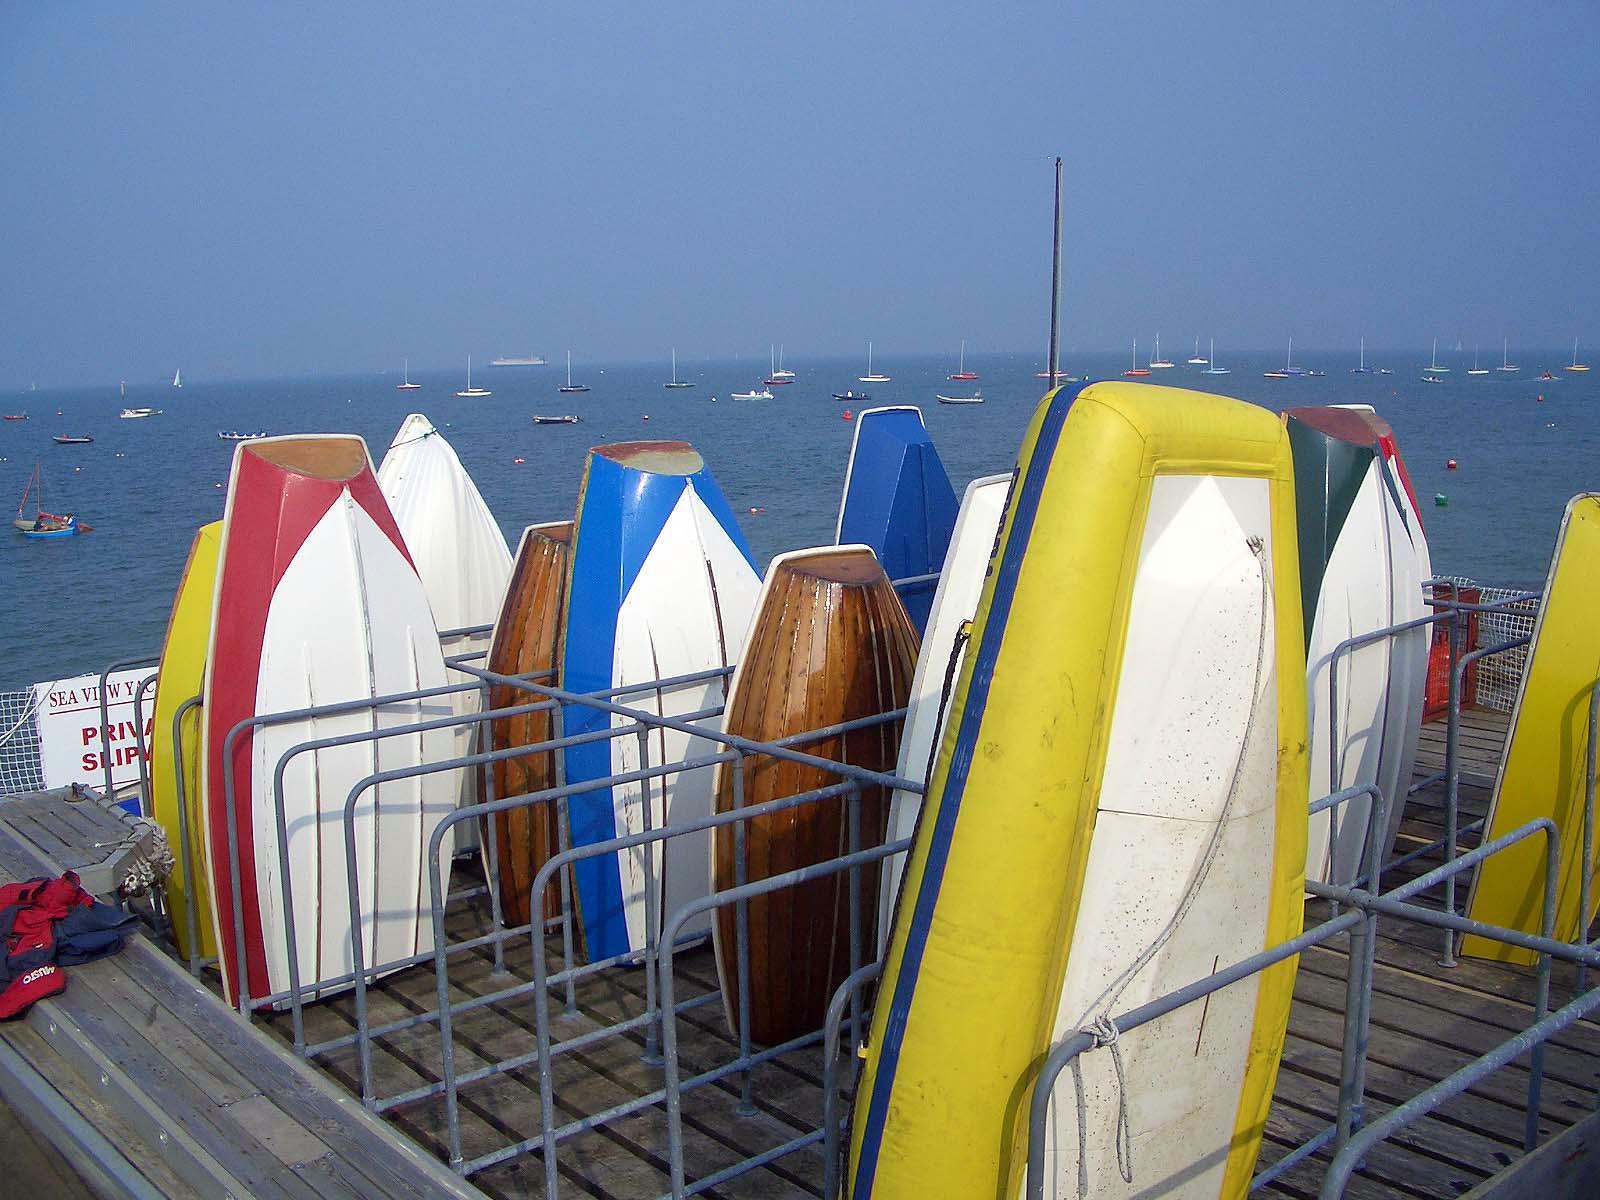 Boats at Seaview